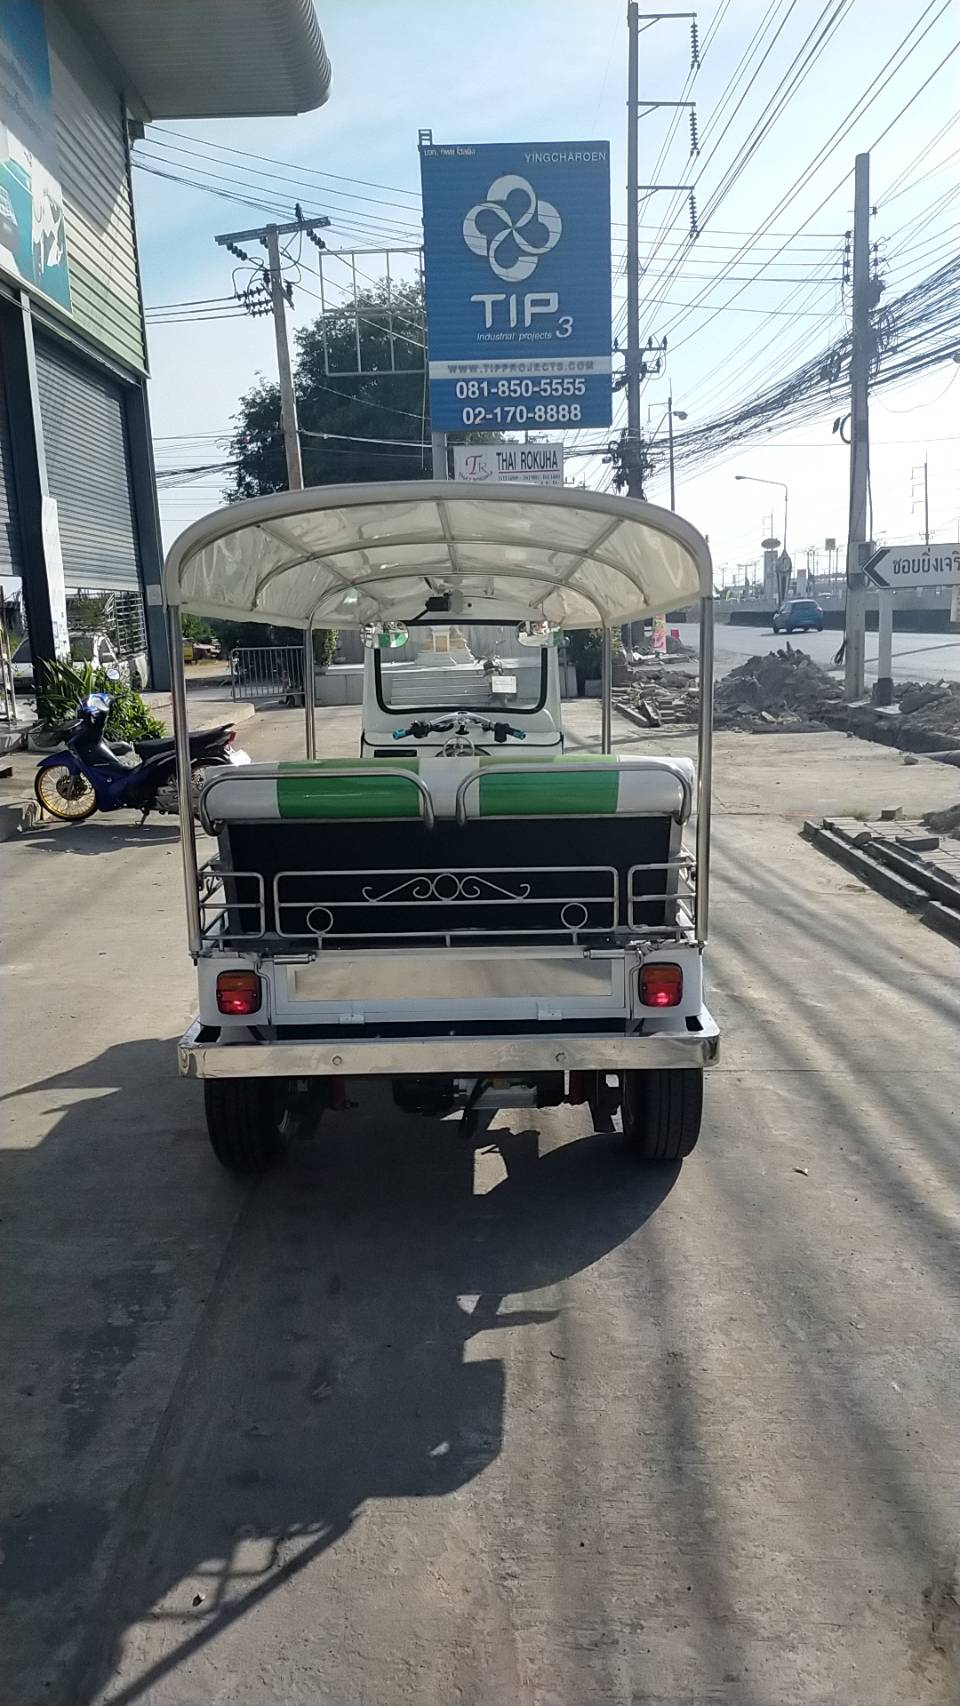 TUK TUK Thai King รถตุ๊กๆ ไฟฟ้า 4,000 วัตต์ 60 กม./ชม. 100 กม./ชาร์จ จดทะเบียนได้